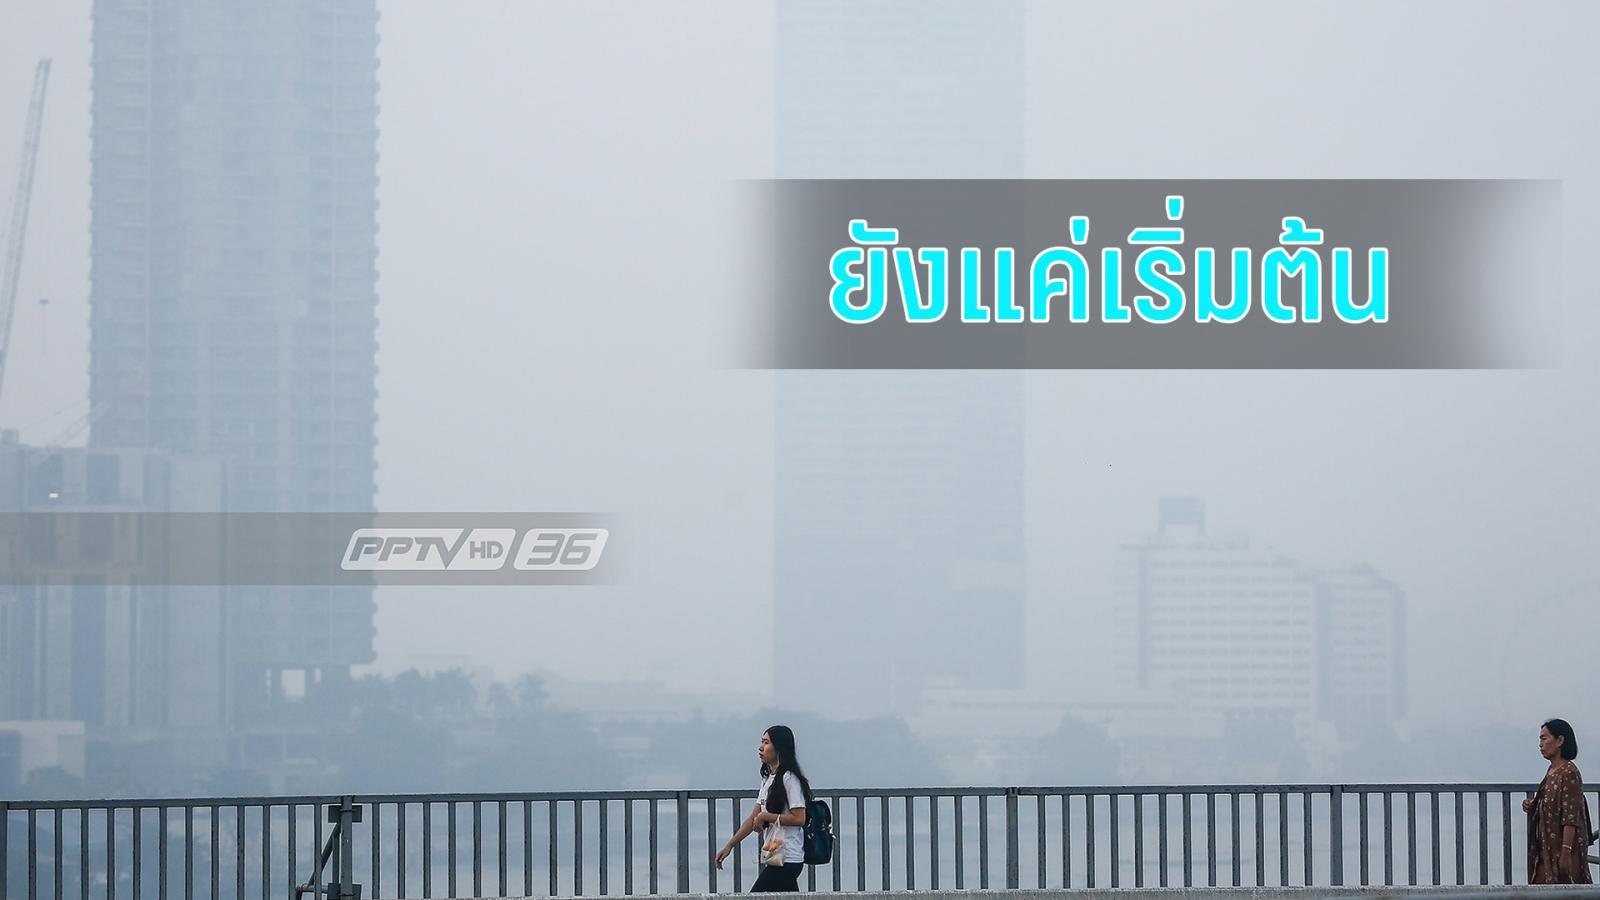 กรมควบคุมมลพิษเผย ปัญหาฝุ่นละออง PM2.5 เพิ่งเริ่มสถานการณ์